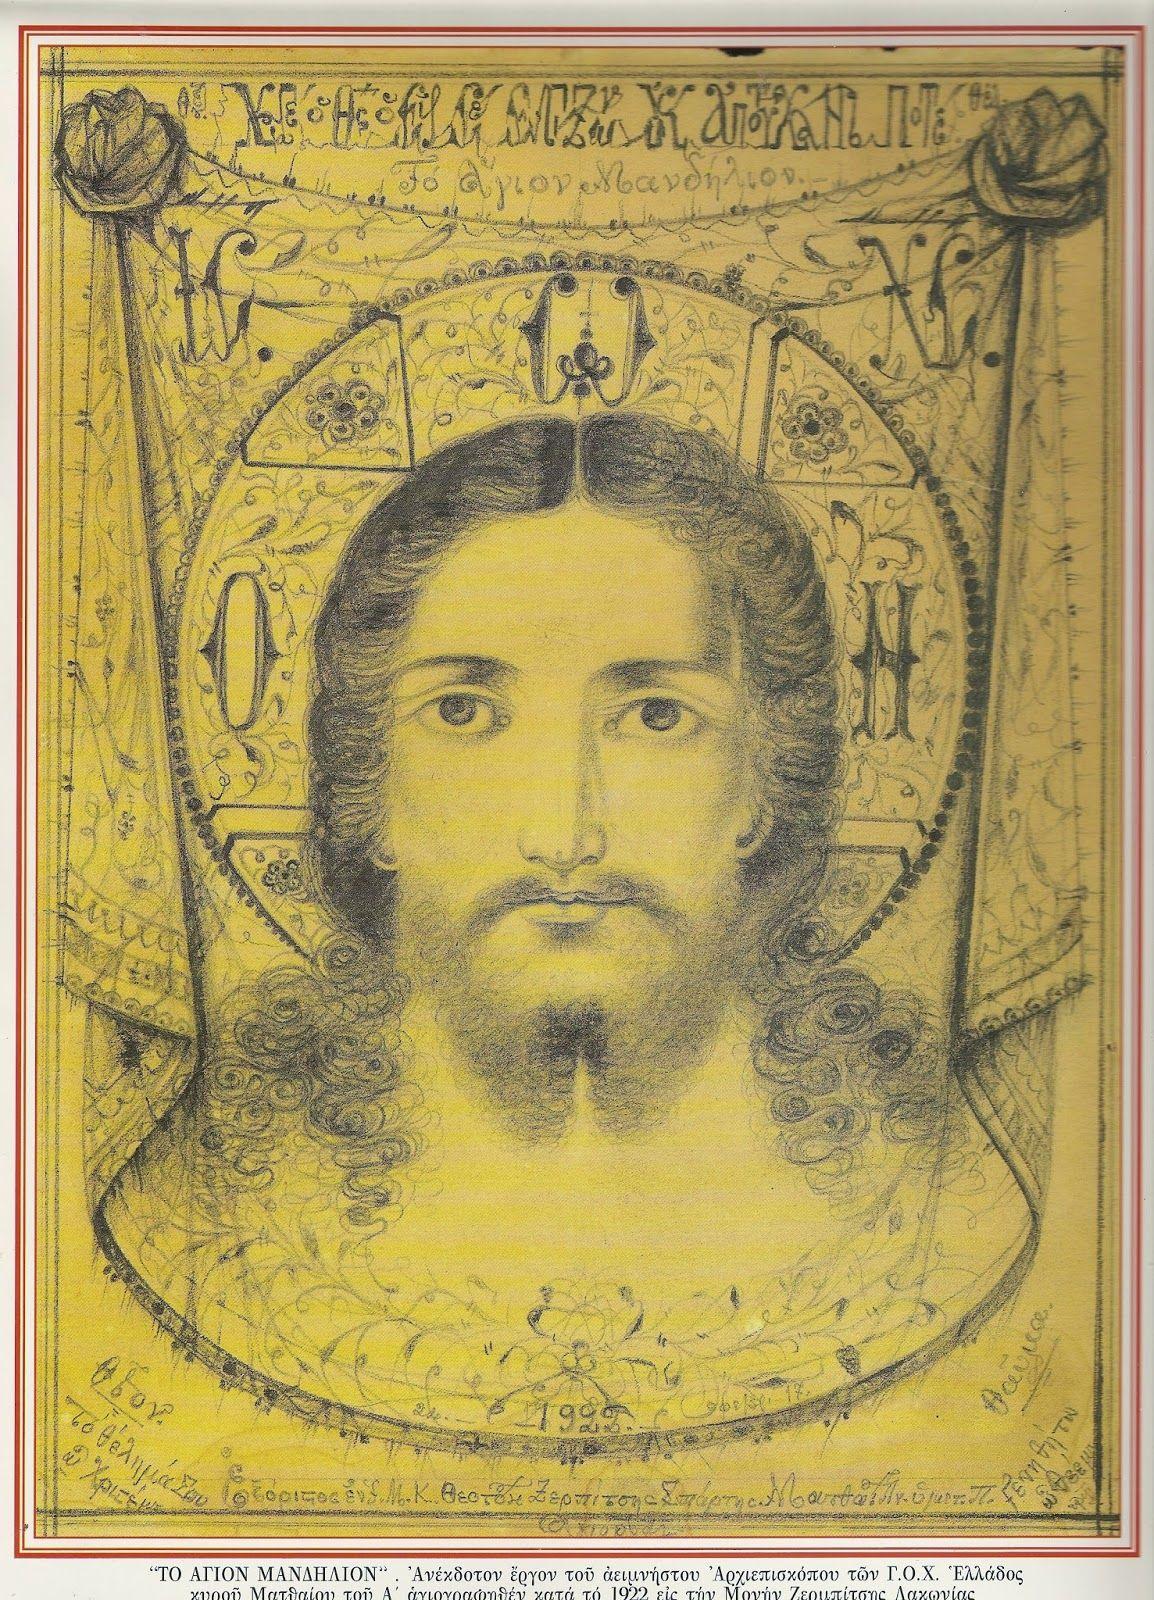 ΟΡΘΟΔΟΞΗ ΠΙΣΤΗ: ΑΓΙΟΣ ΙΩΑΝΝΗΣ Ο ΧΡΥΣΟΣΤΟΜΟΣ ΝΟΥΘΕΣΙΕΣ